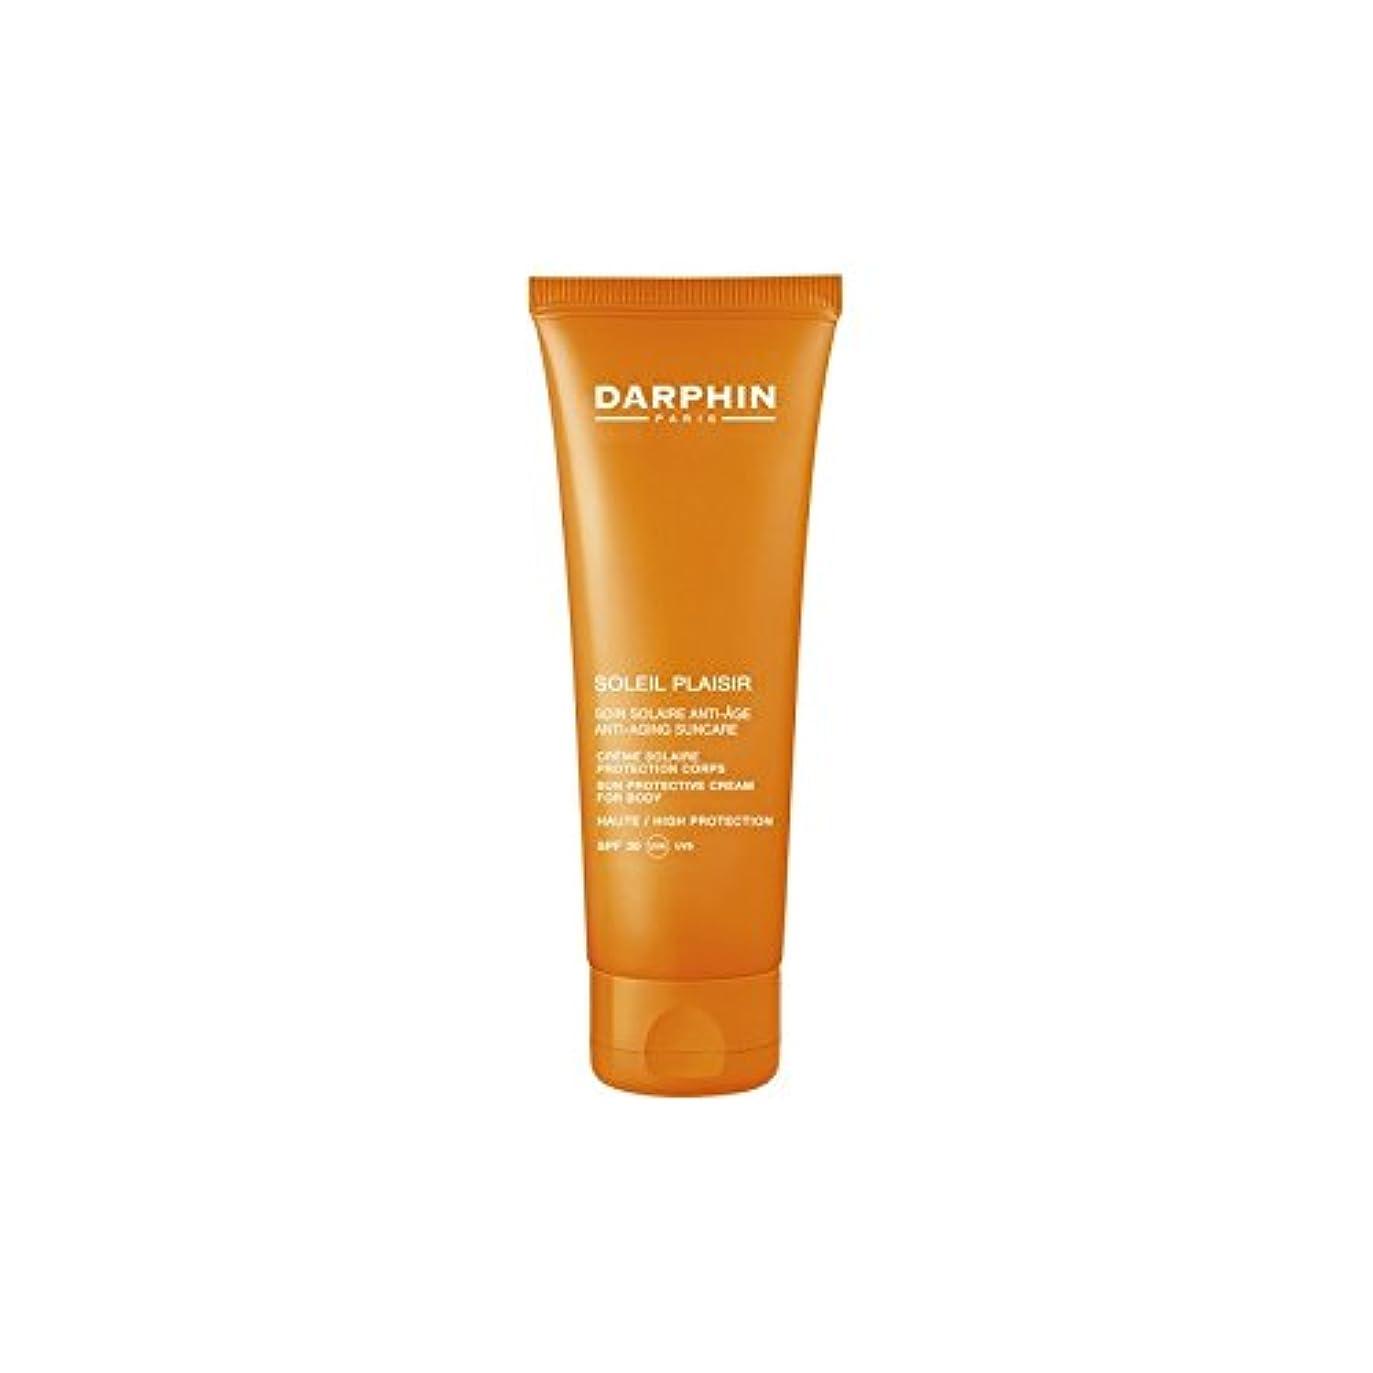 パズル原点契約したダルファンソレイユプレジールボディクリーム x4 - Darphin Soleil Plaisir Body Cream (Pack of 4) [並行輸入品]